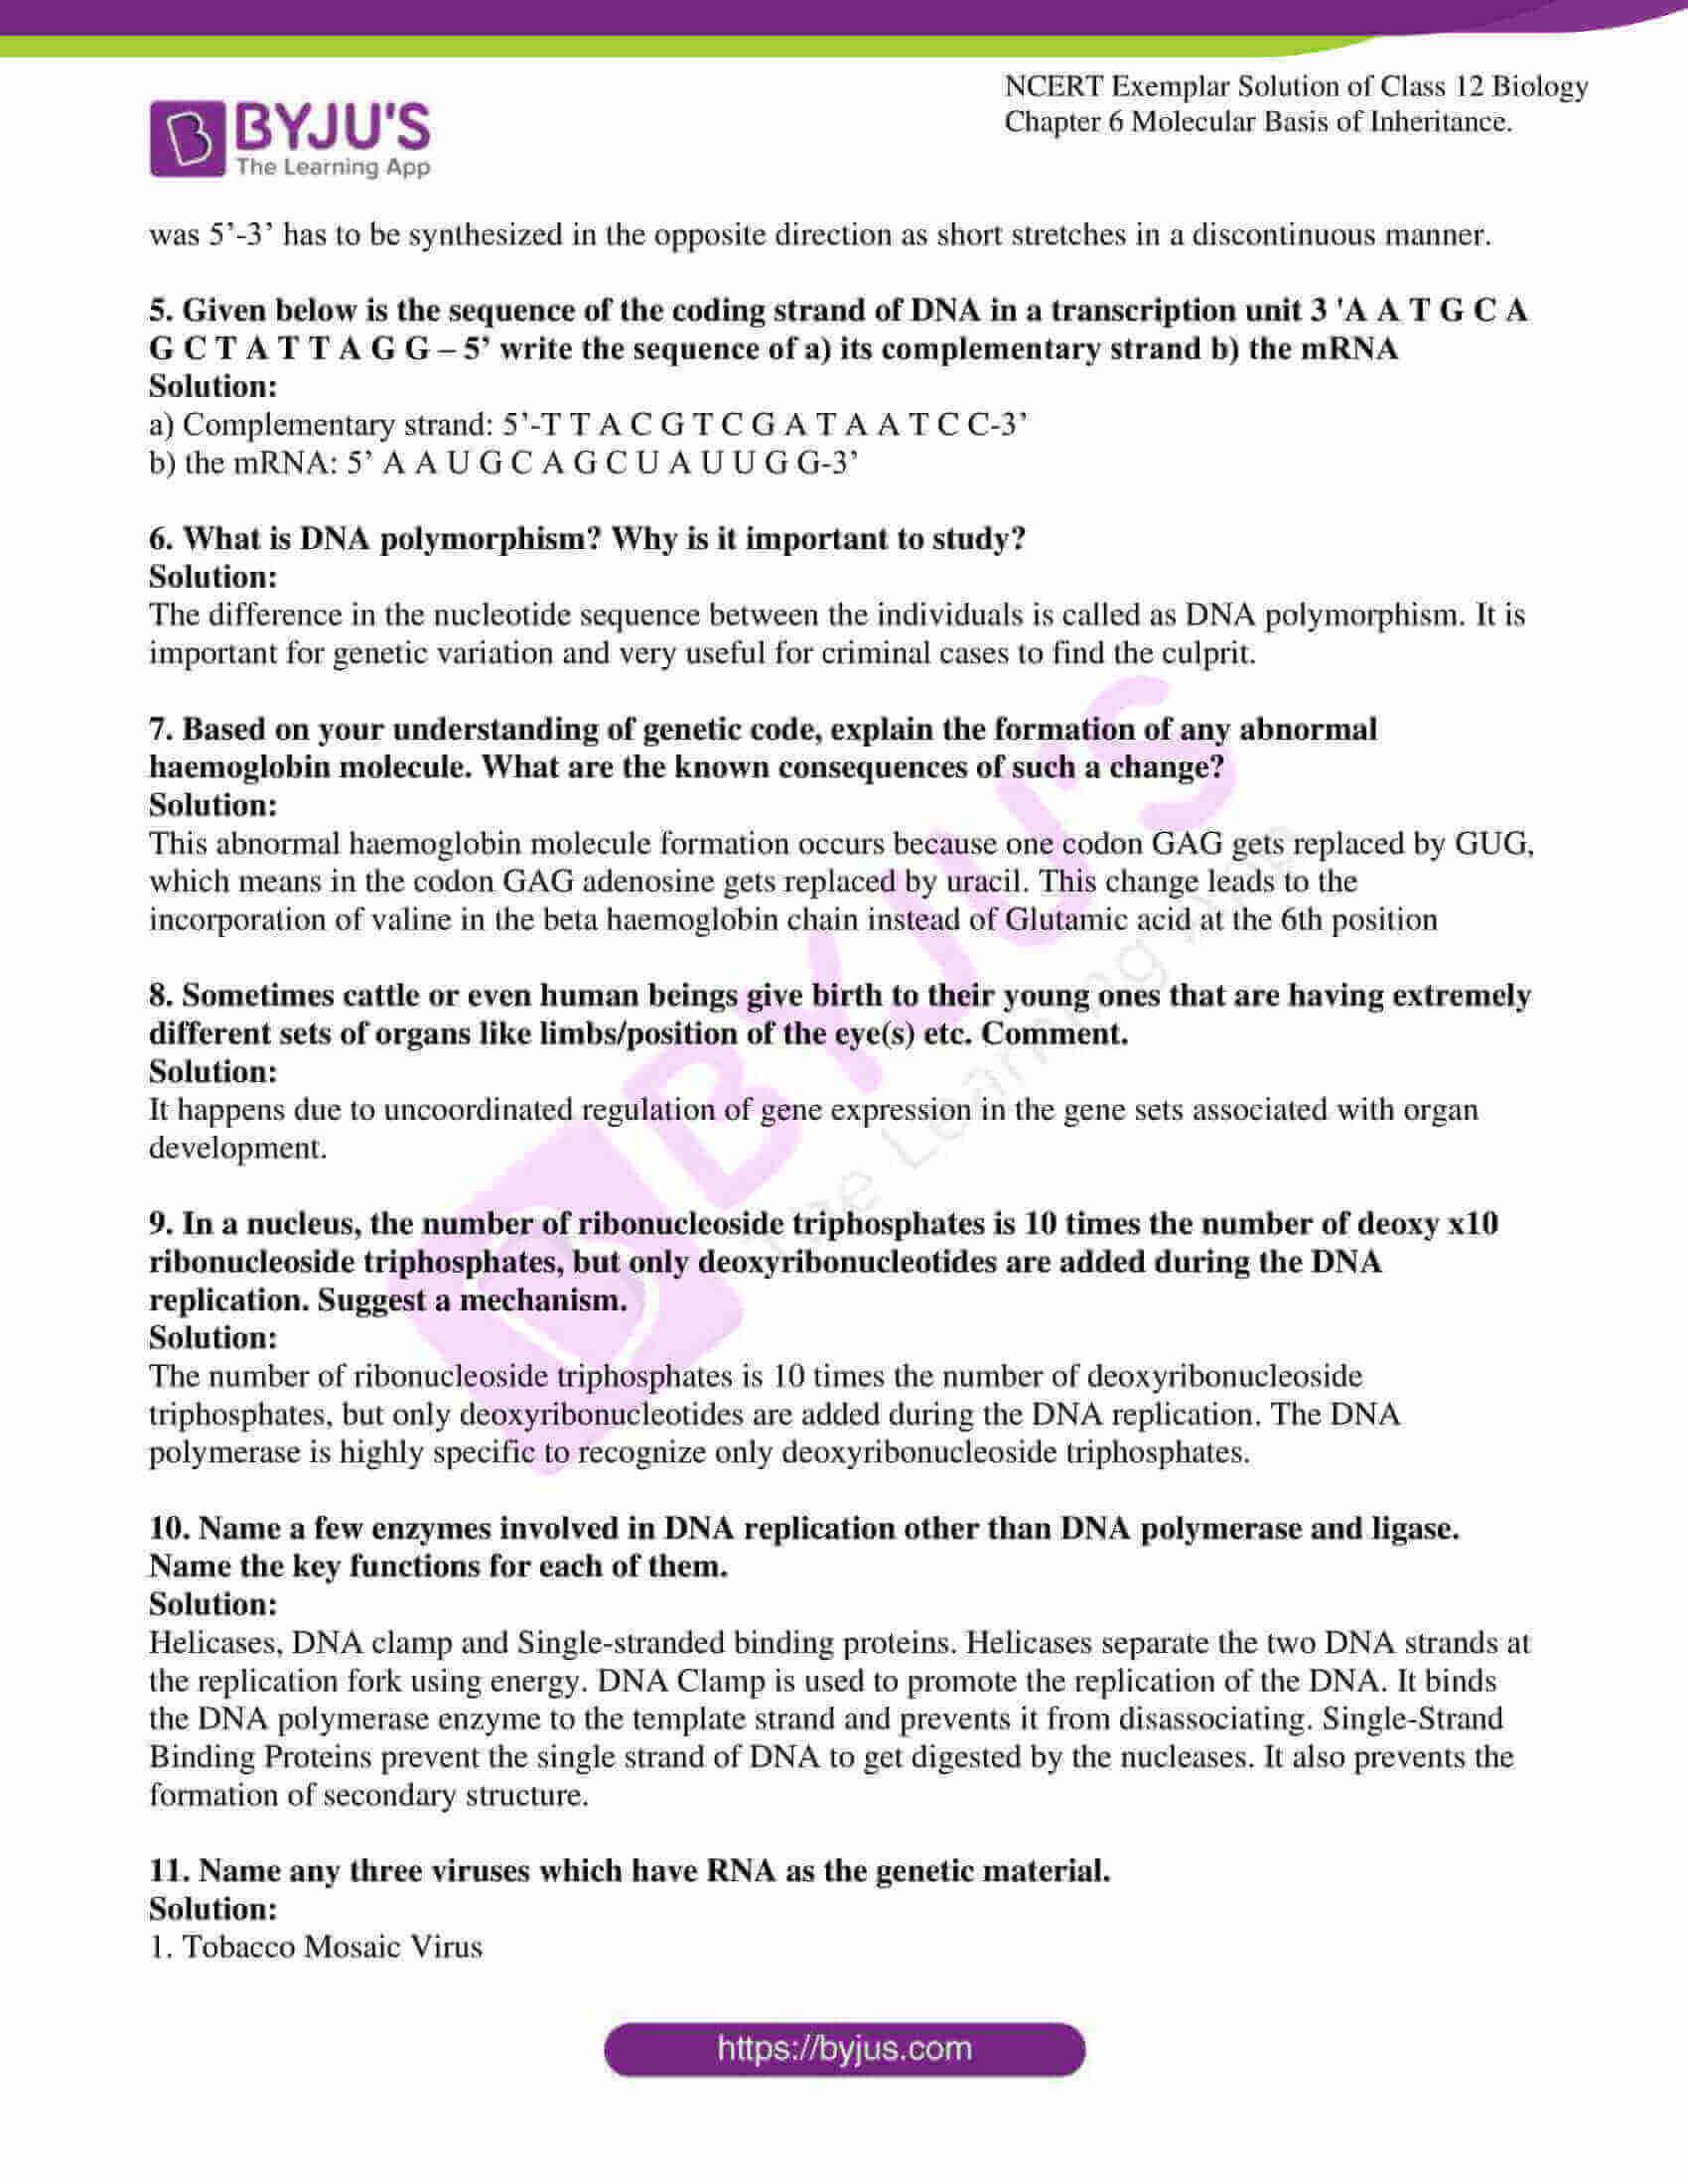 ncert exemplar solution of class 12 biology chapter 6 07